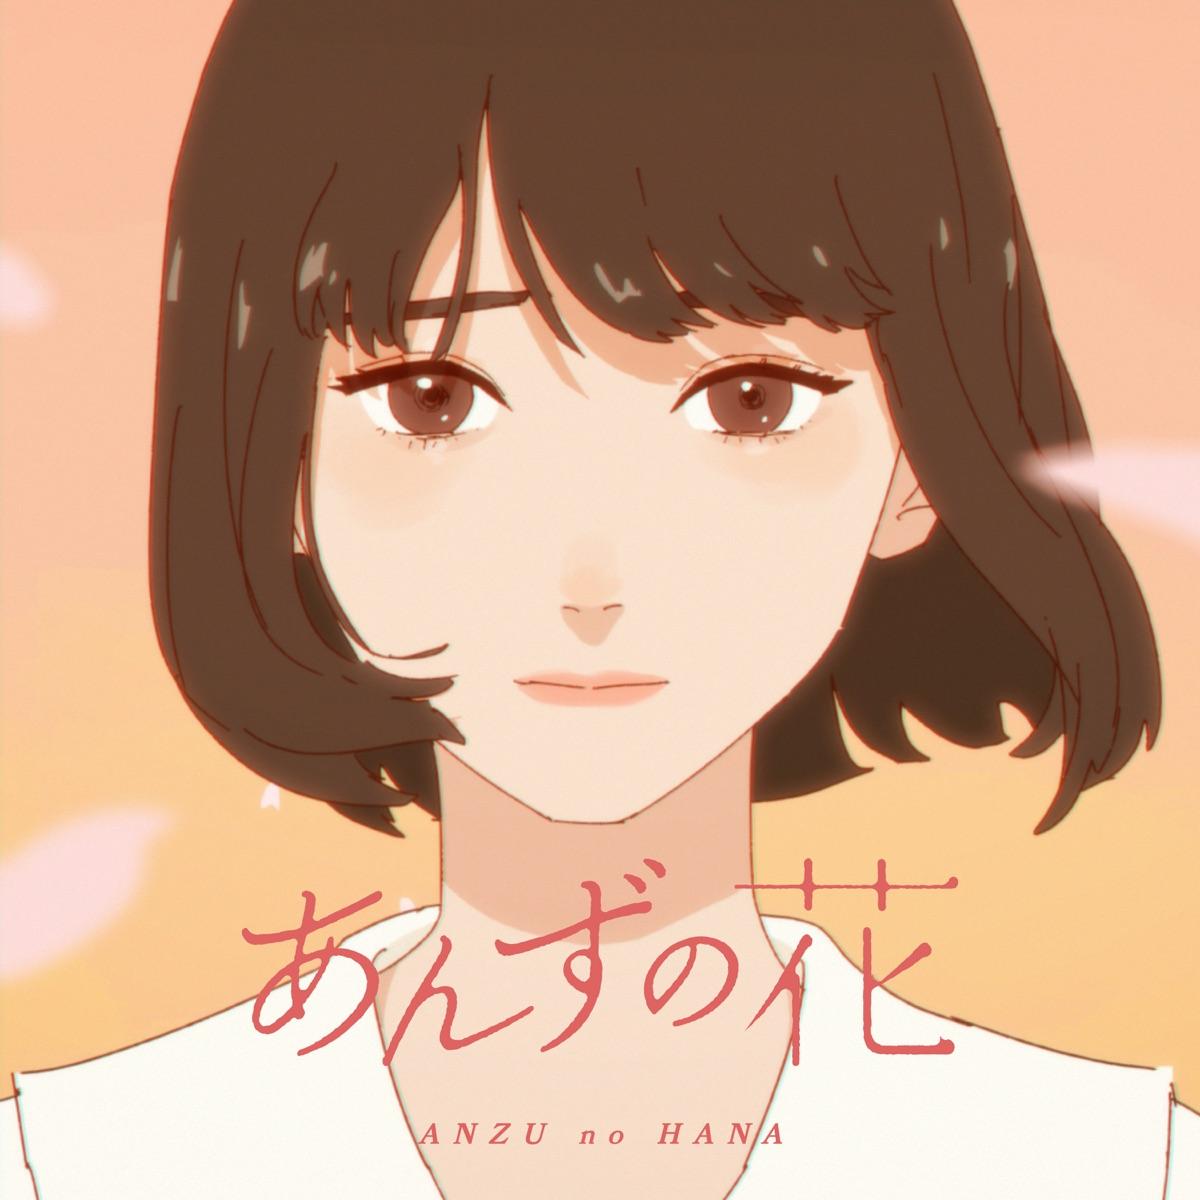 『すりぃ - あんずの花 feat. ねね』収録の『あんずの花 feat.ねね』ジャケット